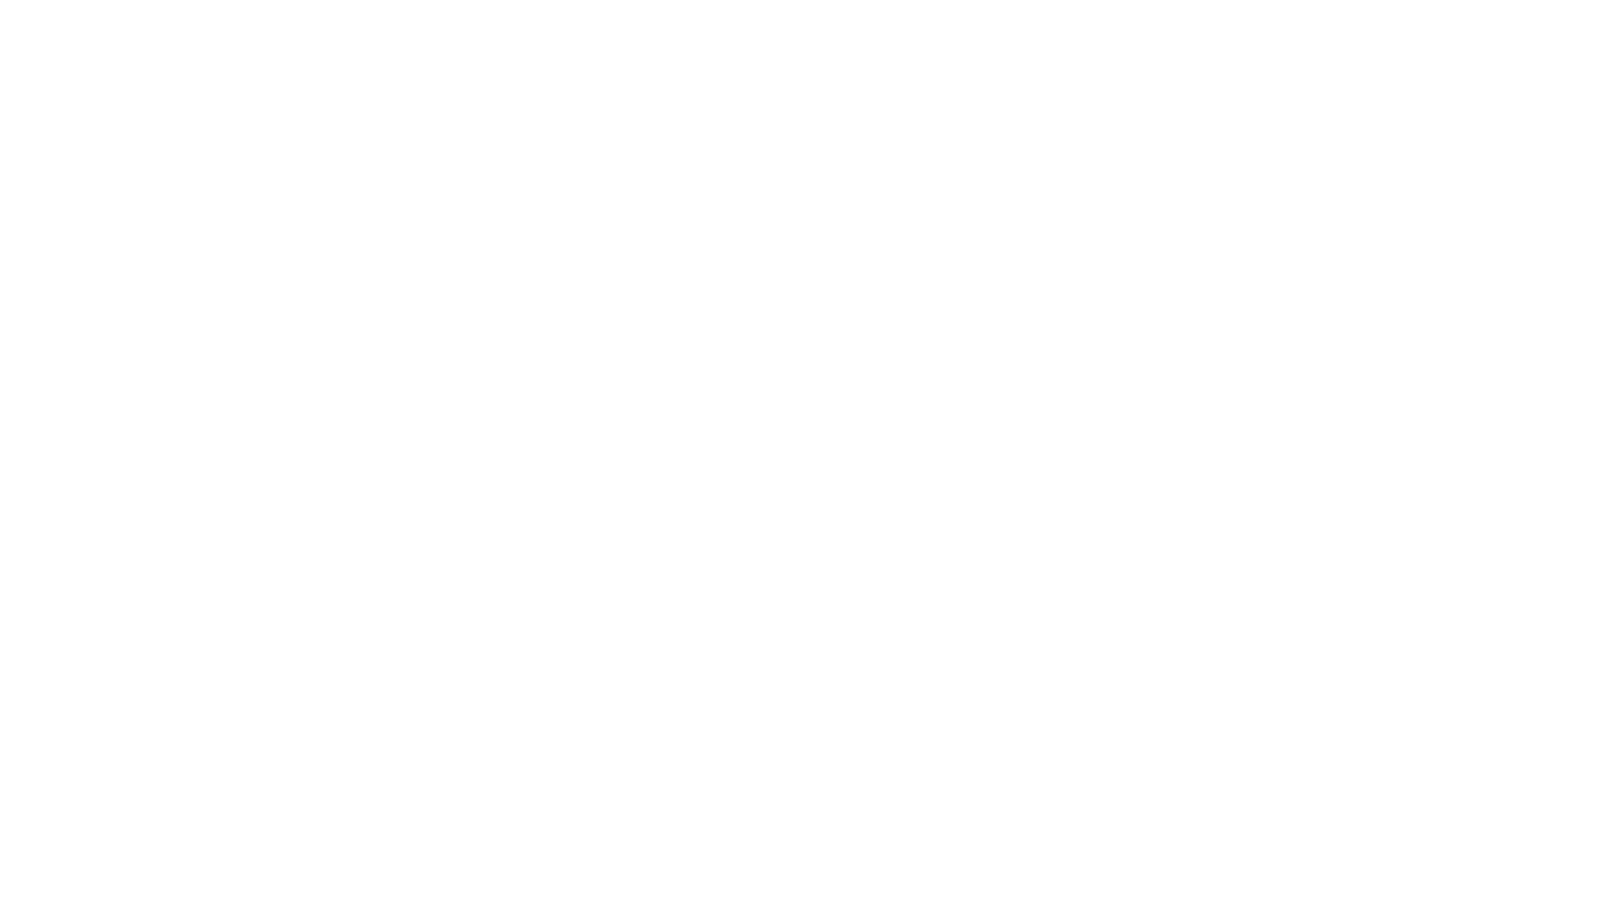 """#Familia, en nuestro último programa en este 2020 queremos darte las gracias por acompañarnos, hoy nos visitan tres invitados de lujos que nos compartirán e inspirarán con sus historias de vidas. . Dos emprendedores Chilenos (Cristian Hernández & Daniel Nabalón), su dedicación y perseverancia le han llevado instalarse en Lisboa Portugal, donde con apenas un año de existencia han hecho disfrutar a muchos comensales con sus deliciosas empanadas, base gastronómica en toda América. Su sabor, textura y su característico pebre (salsa), les hacen merecedores del dicho; """"Si pruebas repetirás"""", no olvidando su complemento ideal, la bebida chilena por excelencia, el pisco sour.  . Nuestra siguiente invitada @Mariseguramusic,  el ritmo de su vida va marcado con el tempo con que toca sus instrumentos, en cada oportunidad que pisa un escenario se transforma en lo que más le apasiona, su talento le delata y su Colombia le lleva en su corazón, es un orgullo verle cantar y más en el afamado concurso , #TheVoicePortugal, nos digna de mucha admiración su valentía, demostrando que el talento no entiende de idiomas o nacionalidades. Su mayor deseo es:  """"Que o publico português acabe se apaixonando por mim, do mesmo jeito que eu me apaixonei pelo seu país."""" . Invitados: @empanadariapt & @mariseguramusic . Host: Raymond Castillo y Daiansy Agelvis . ¿Quieres recibir más publicaciones? . Suscríbete a nuestro canal - YouTube: https://www.youtube.com/Acucarfm » Web: www.acucarfm.com » Instagram: https://www.instagram.com/acucar.fm » Facebook: https://www.facebook.com/AcucarFM/ » Twitter: https://www.facebook.com/AcucarFM/"""